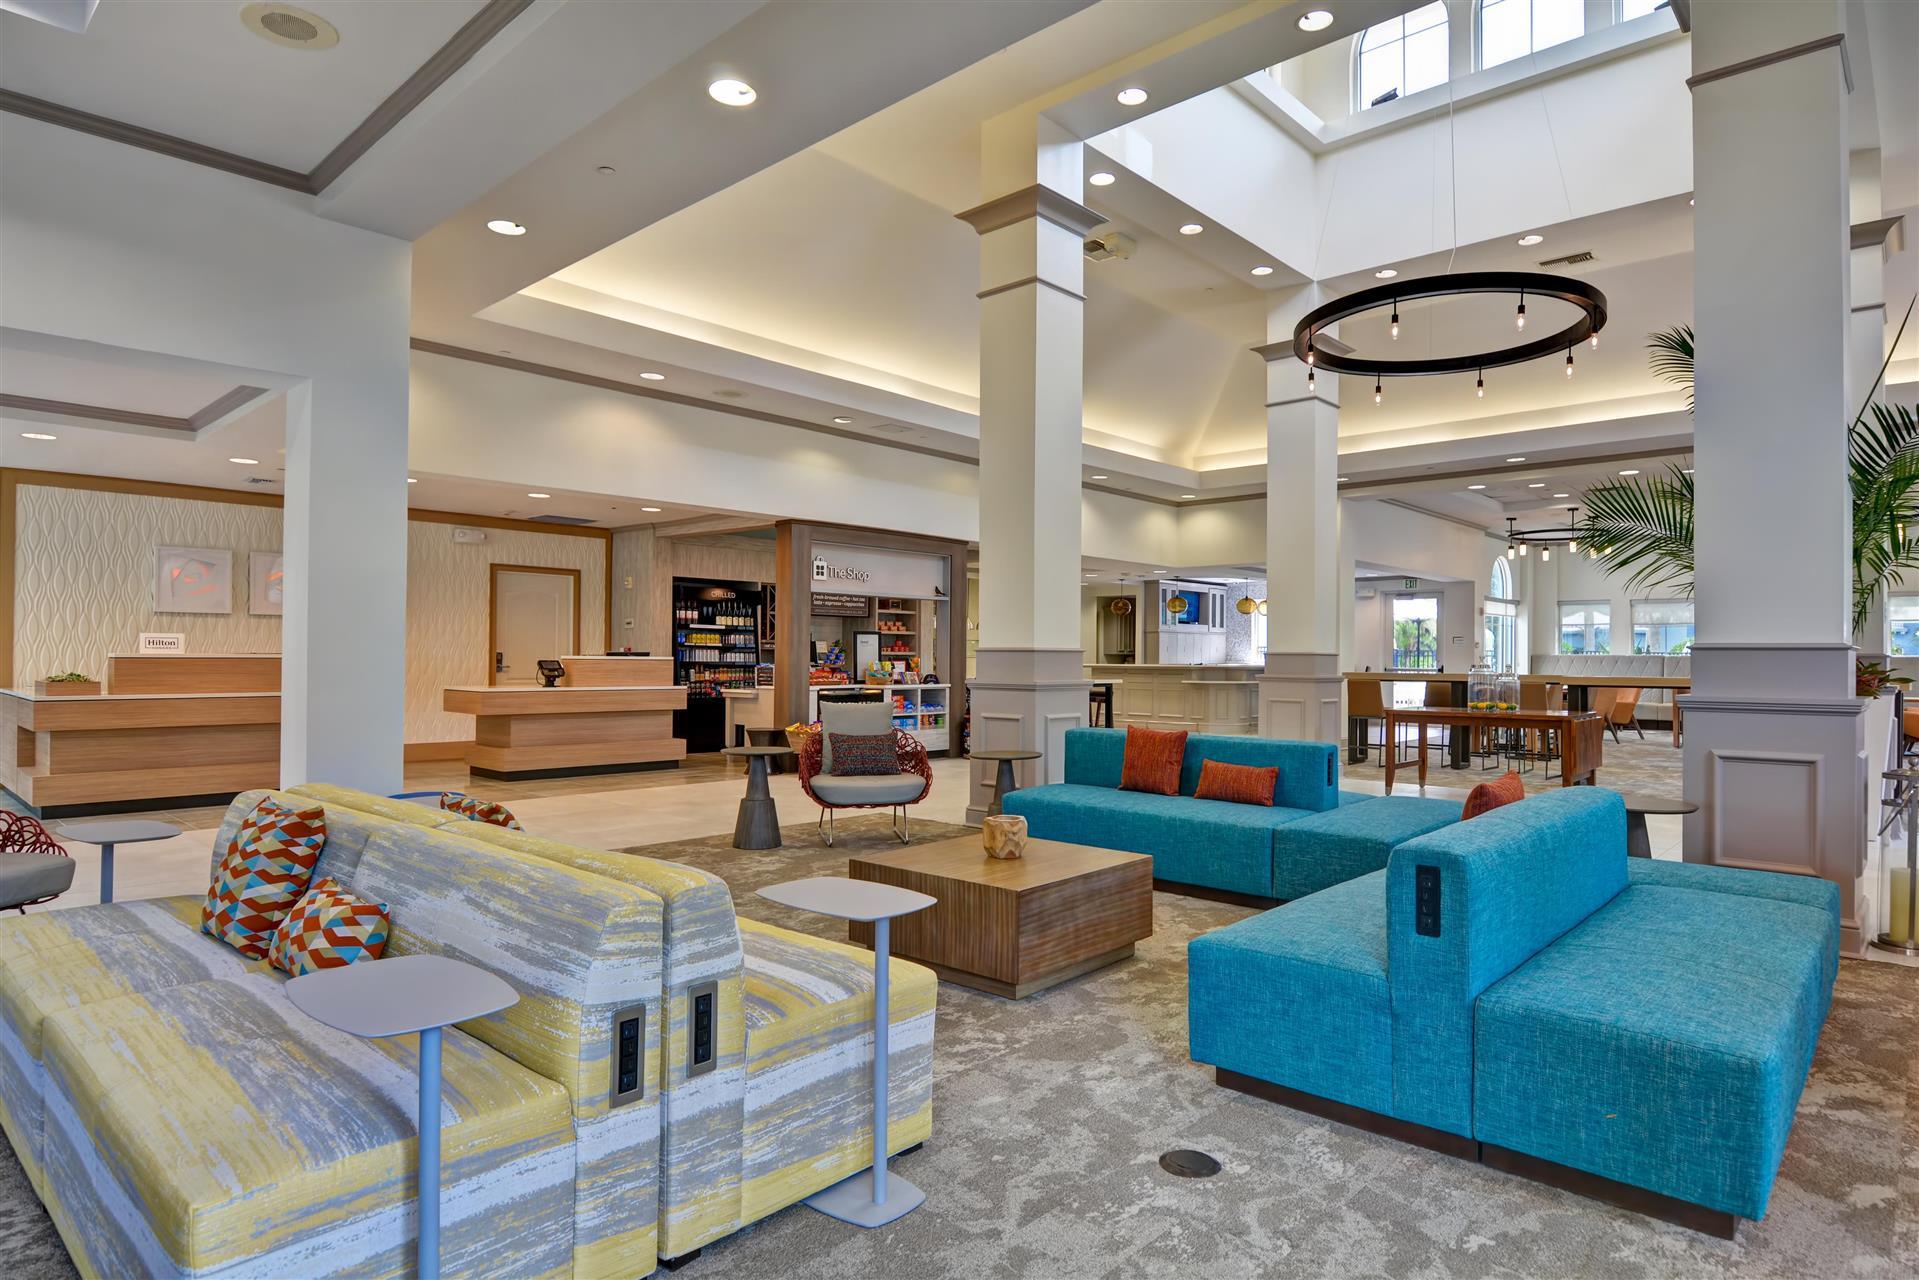 Meetings and events at Hilton Garden Inn Lake Buena Vista/Orlando